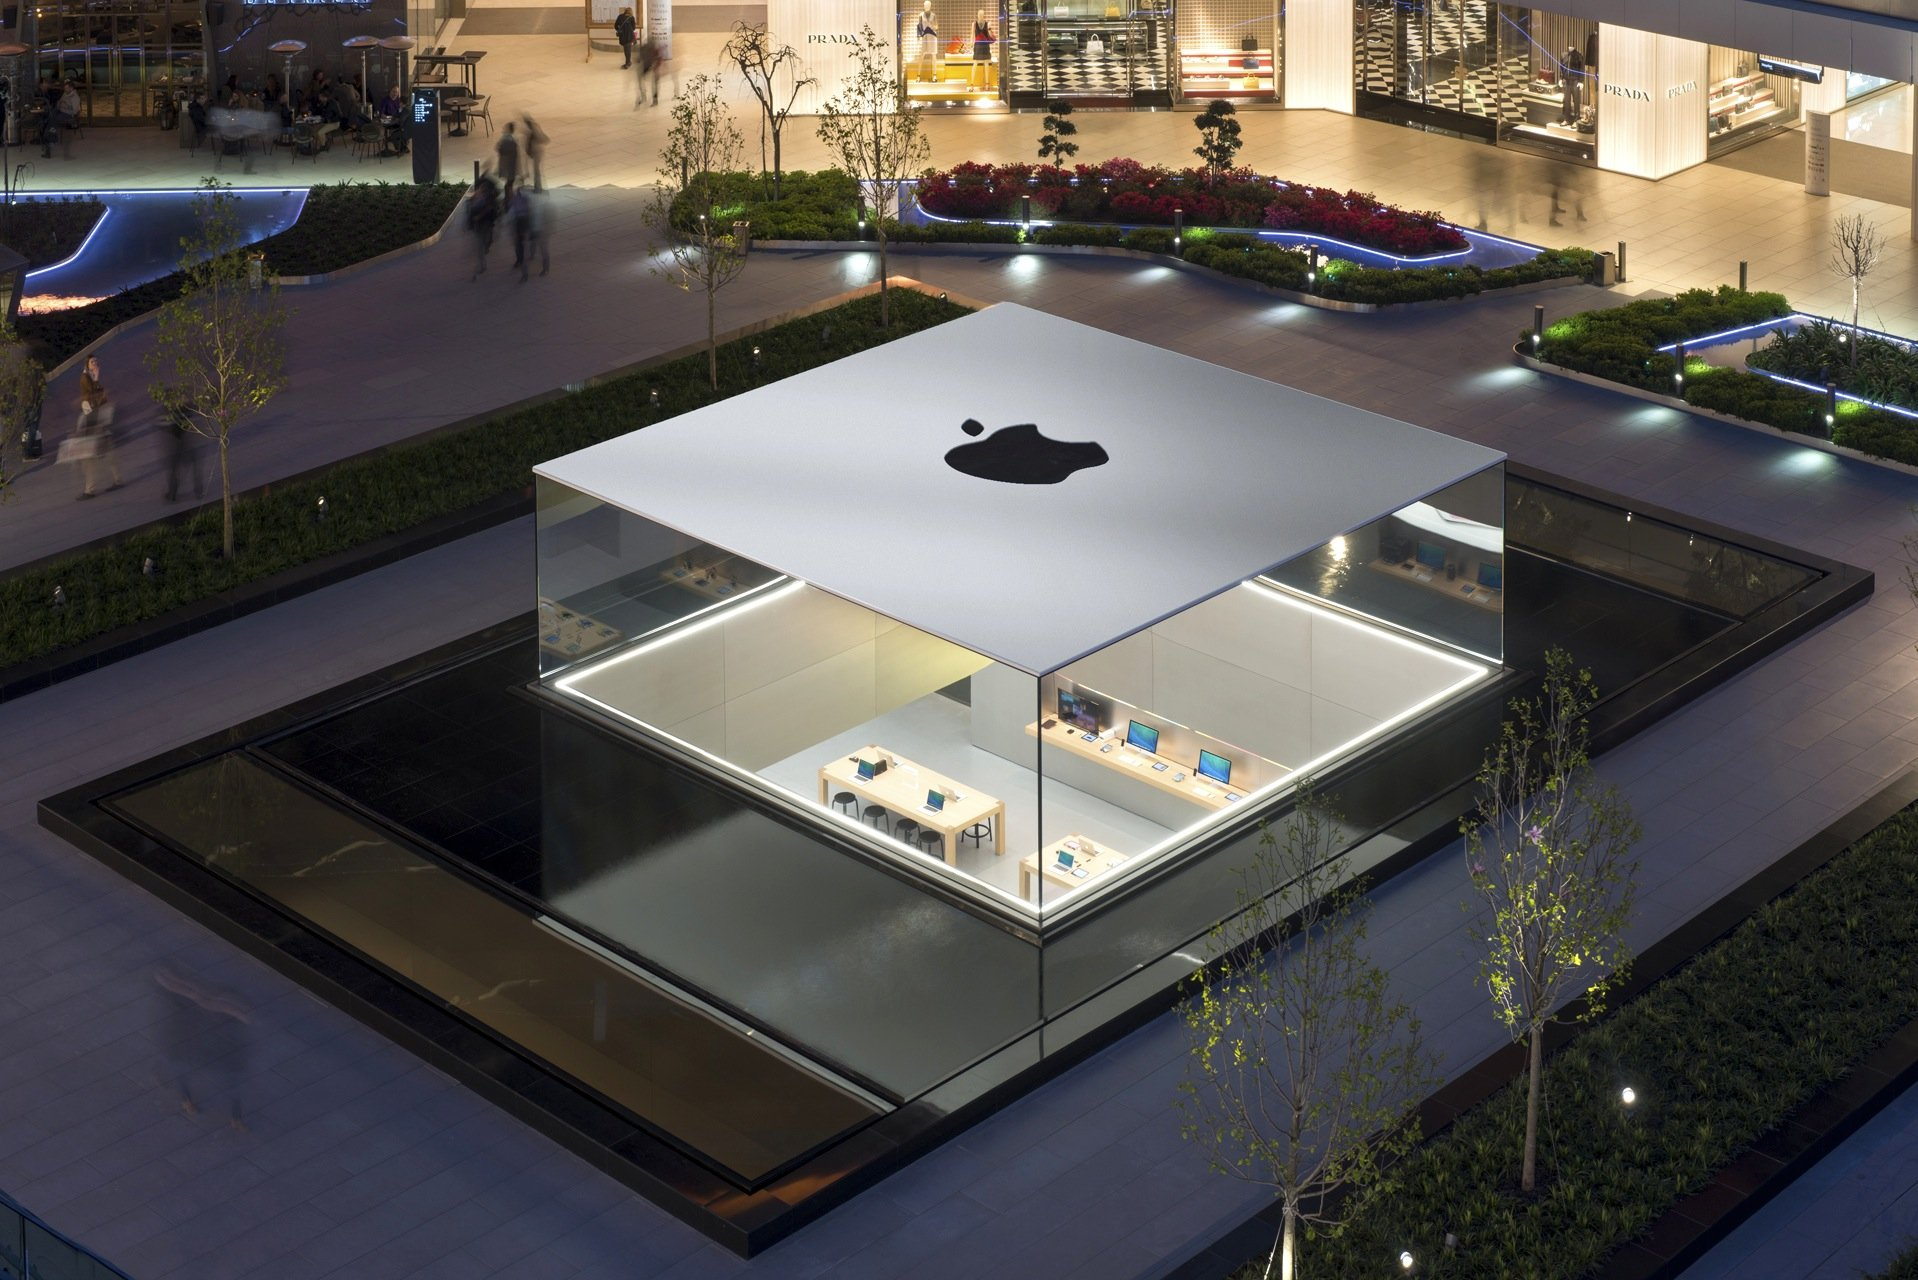 Der Apple Store in Istanbul war der erste, den das Büro von Stararchitekt Norman Foster entwickelt hat. Der Store liegt unter dem zentralen Platz im neuen Einkaufsviertel Zorlu, der Kubus aus Glas bildet den spektakulären Eingang.